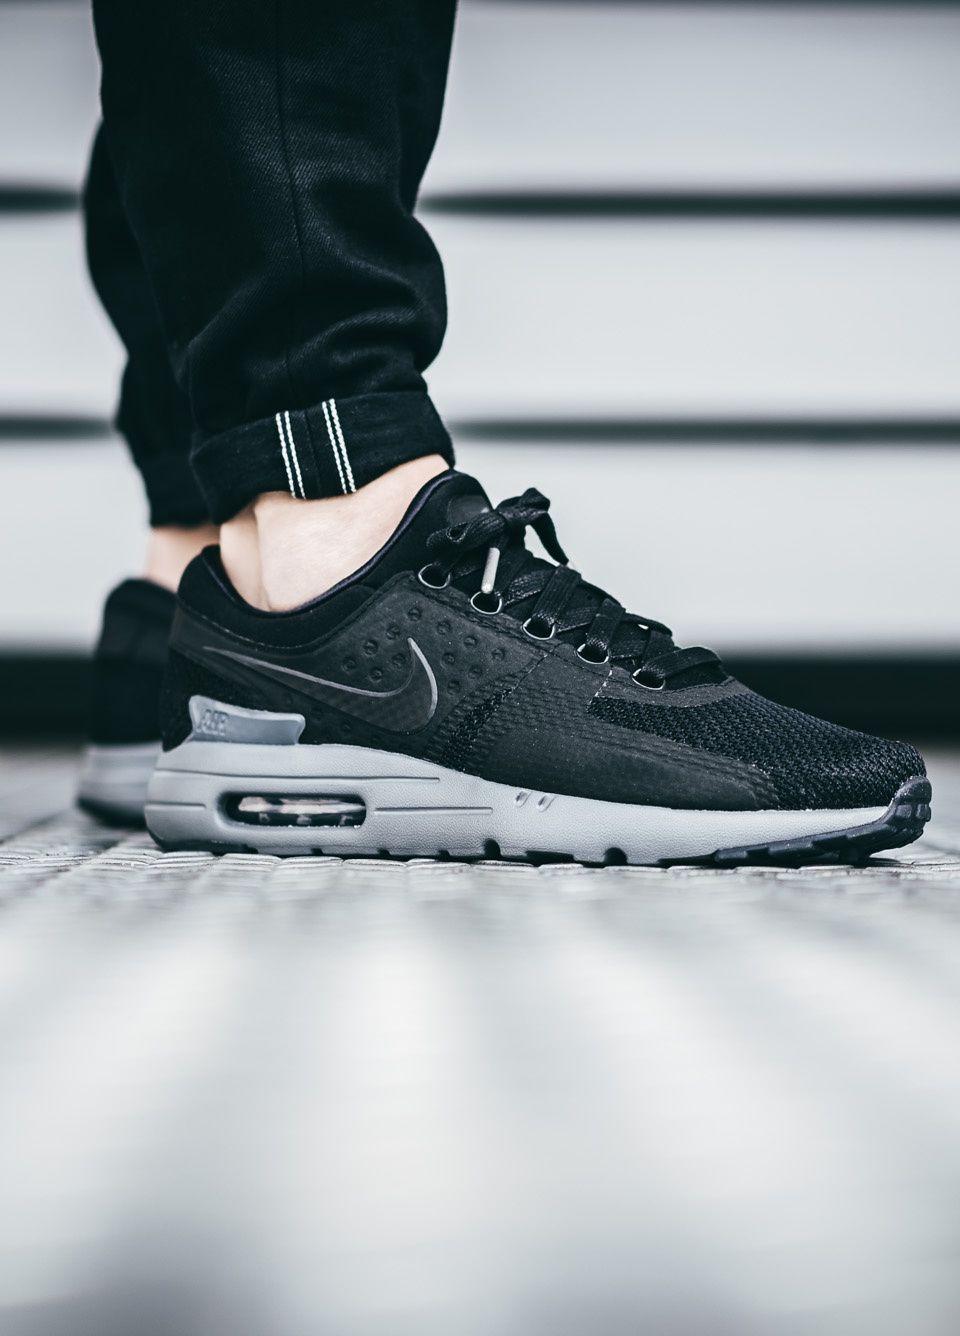 Nike air max zero | Zapatillas, Air max zero, Zapatos